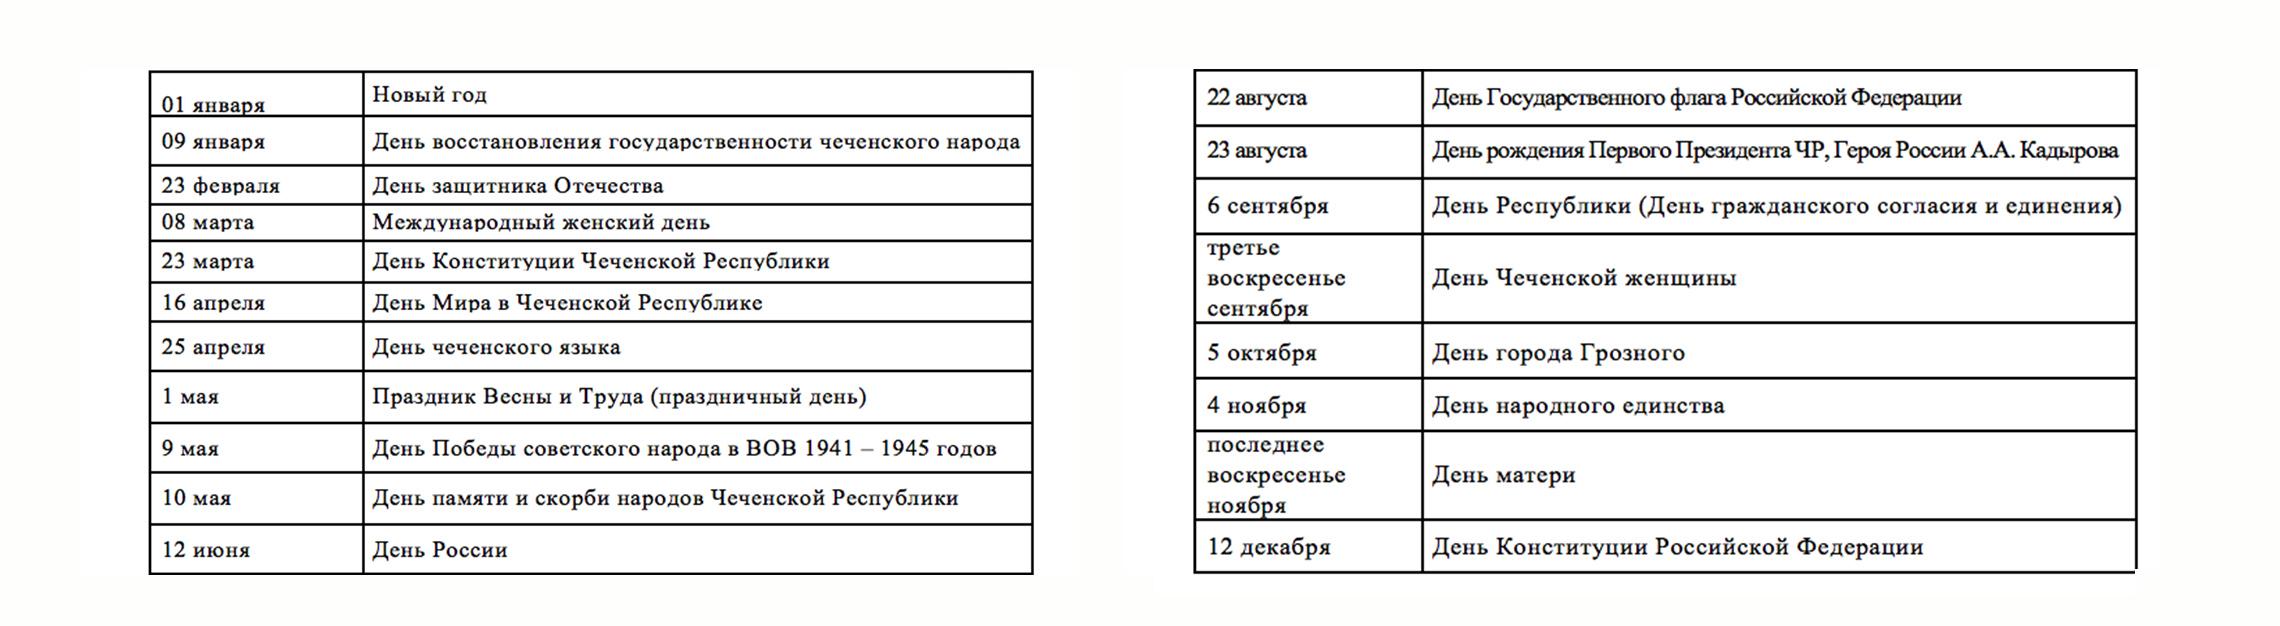 РАЗМЕЩЕНИЕ РЕКЛАМЫ НА ГОРОДСКИХ ПРАЗДНИКАХ даты